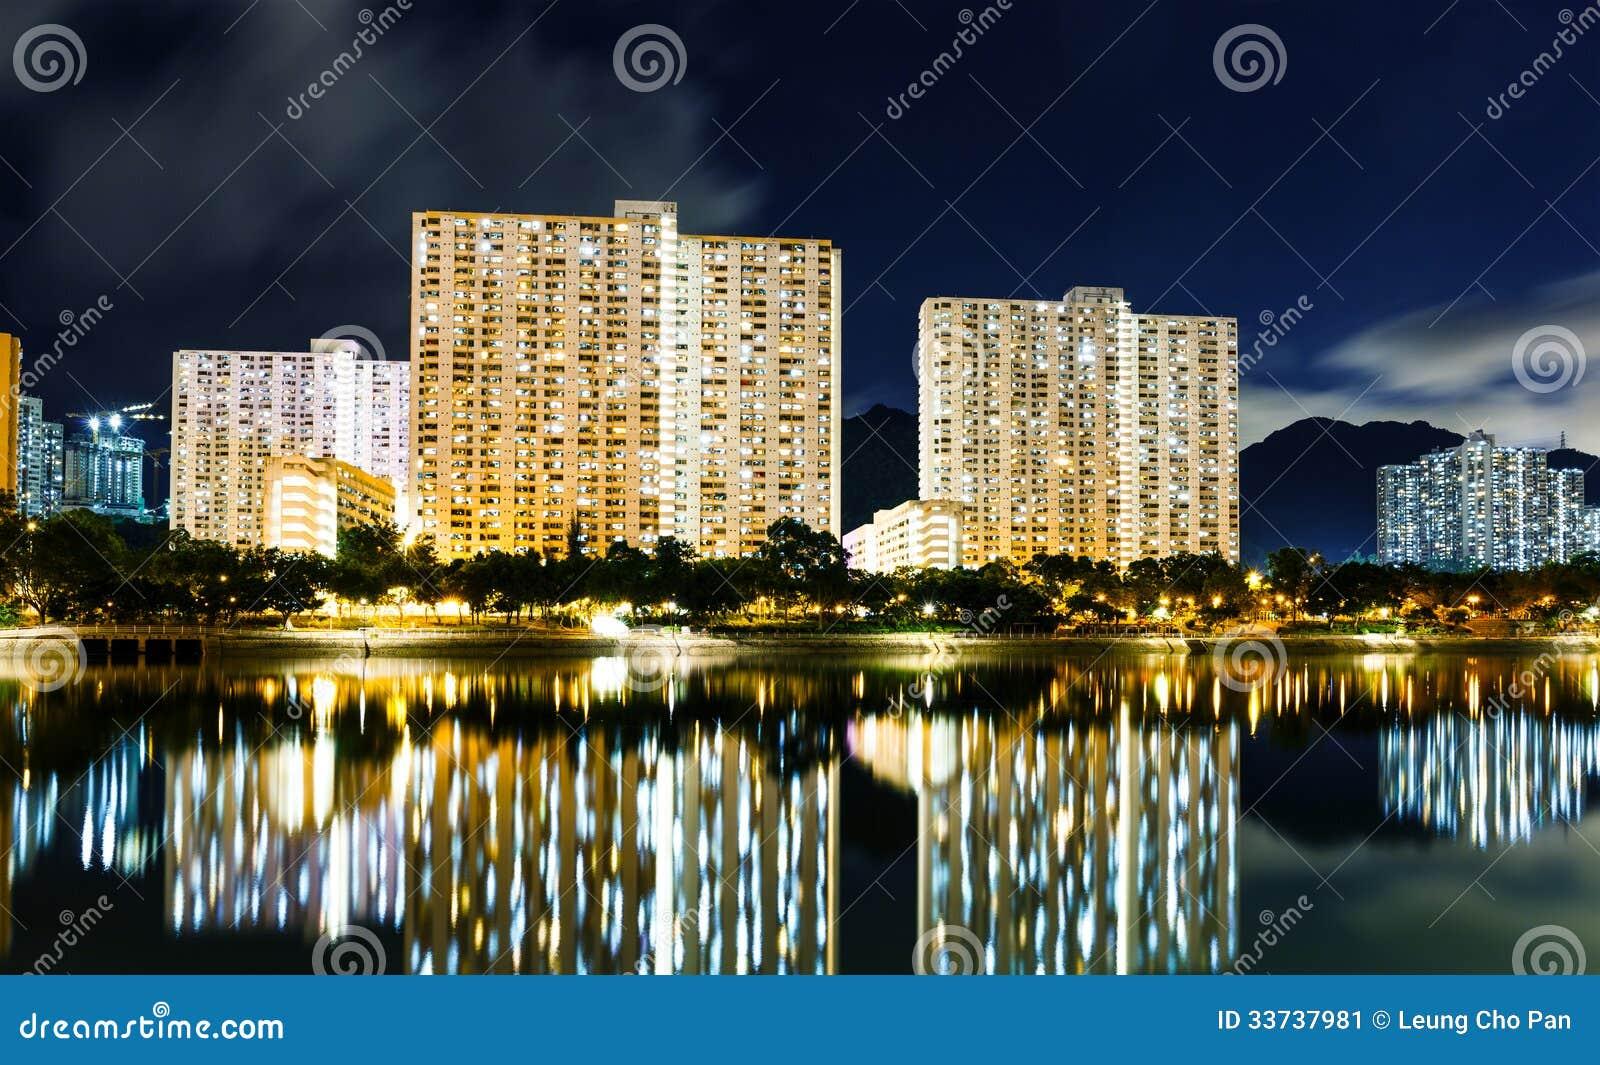 Здание государственного жилого фонда в Гонконге